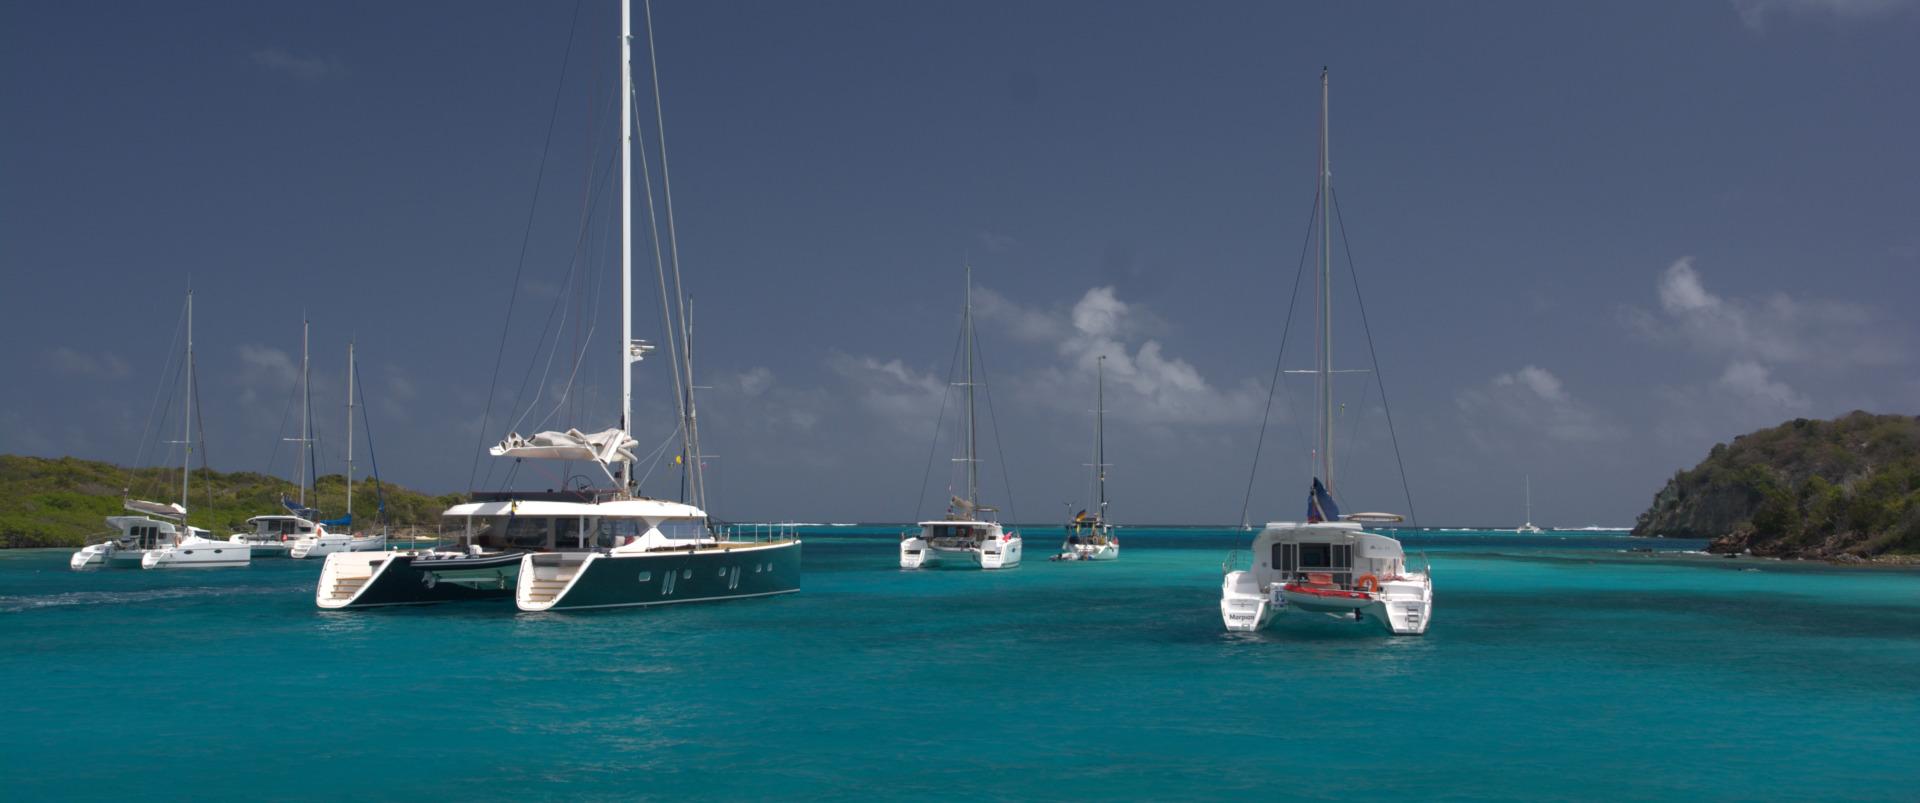 Tobago Cays - katamarany stojące na kotwicy